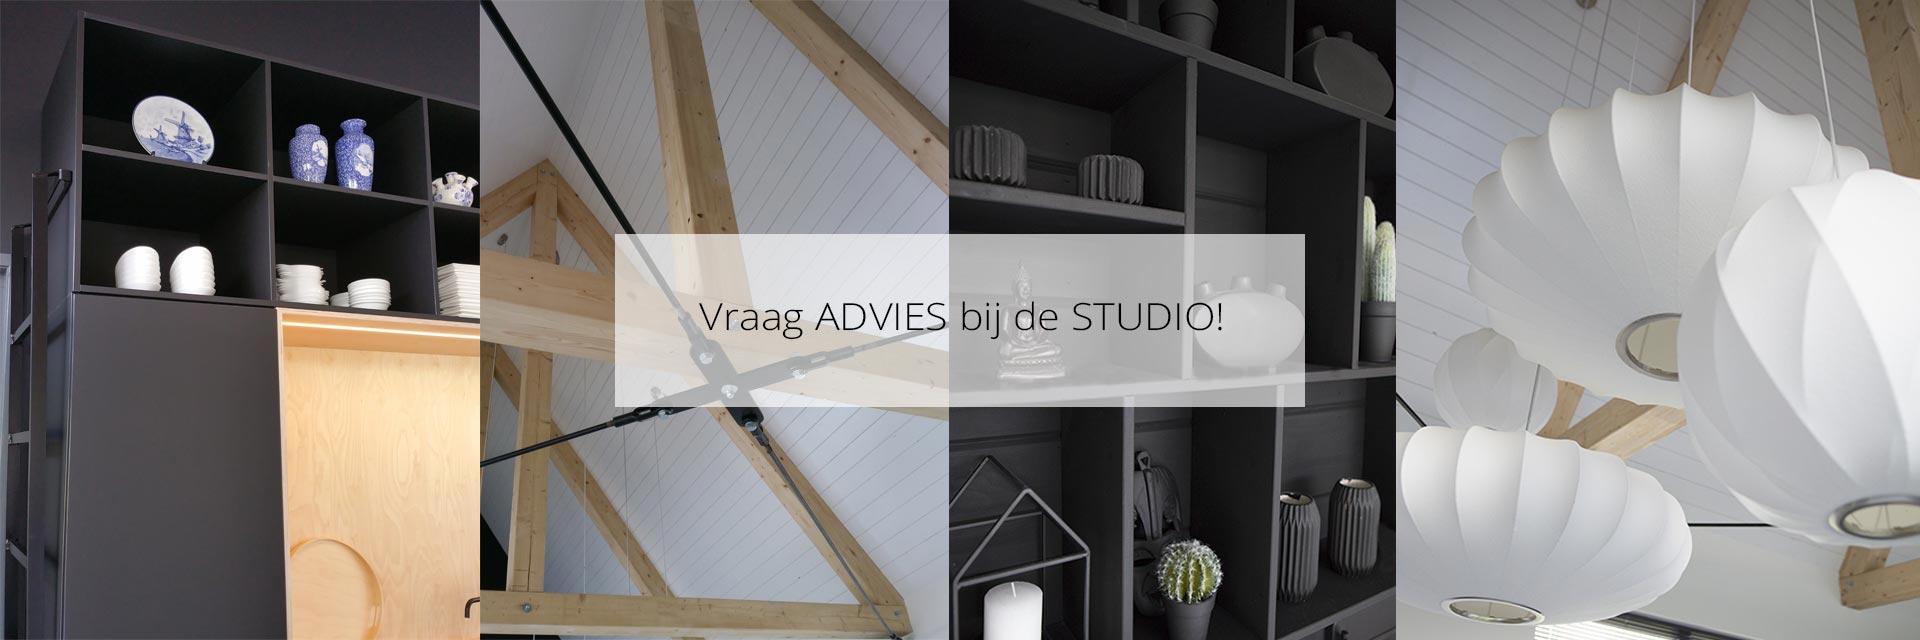 WANDenWOONdeco.nl STUDIO interieuradvies